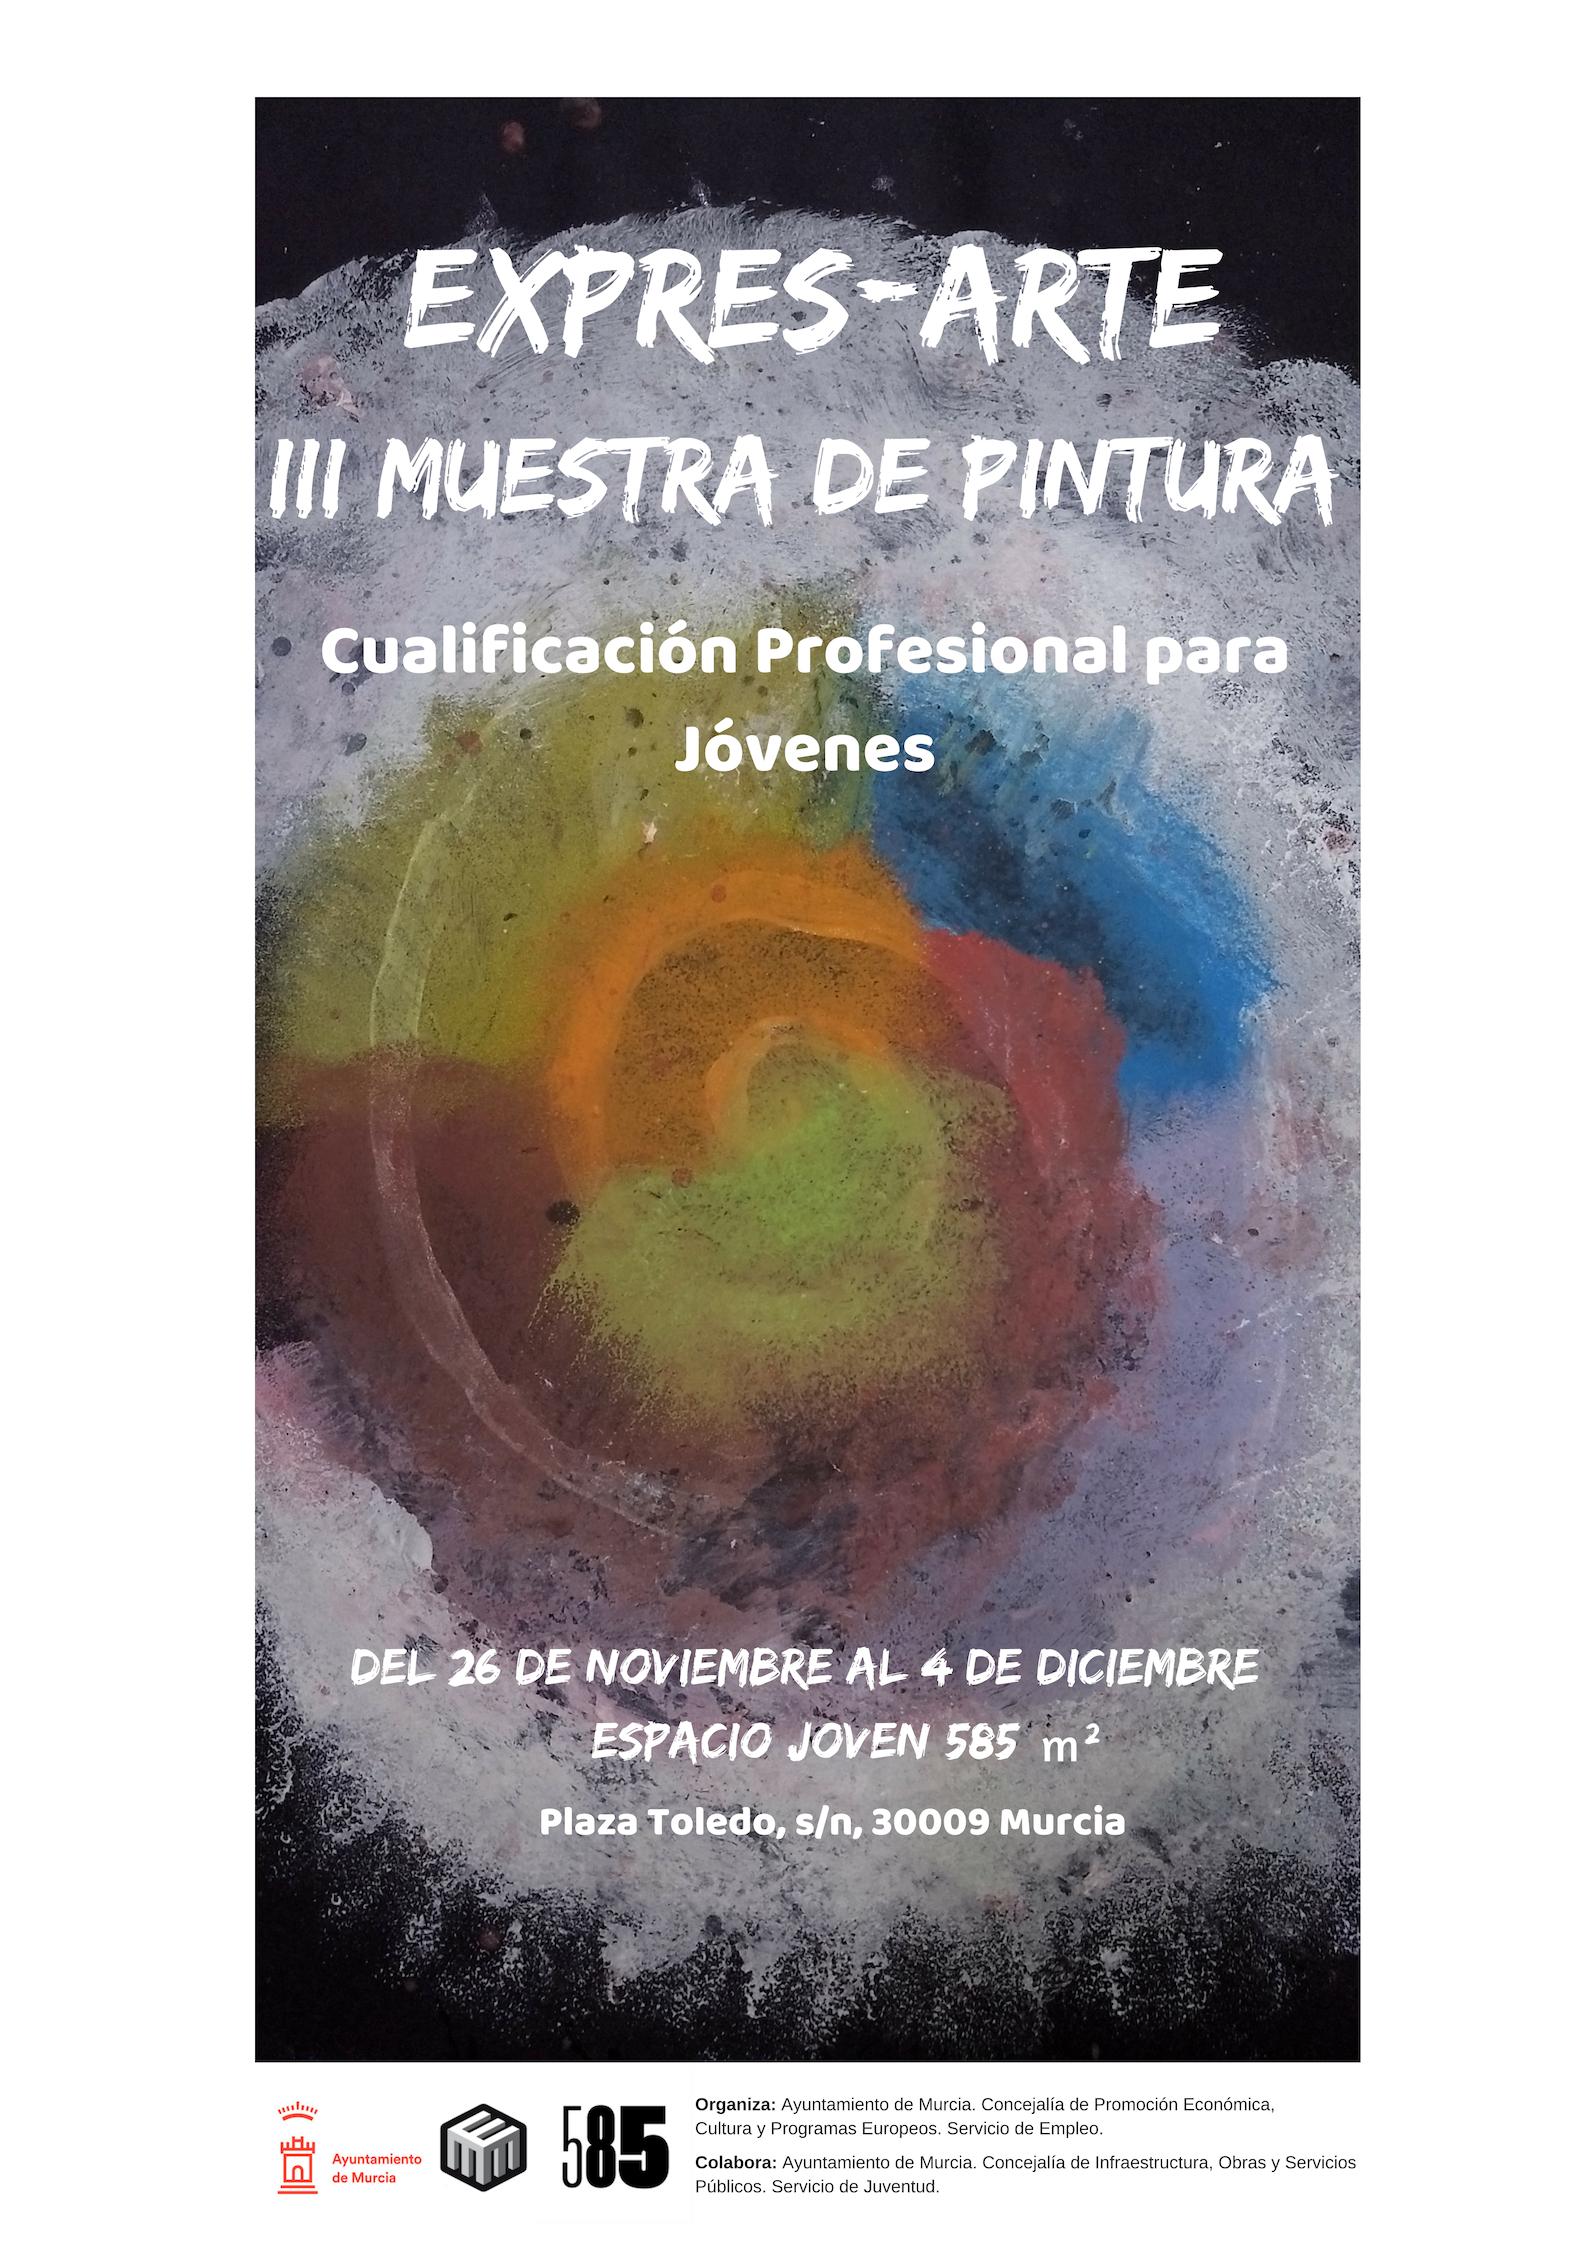 III MUESTRA DE PINTURA